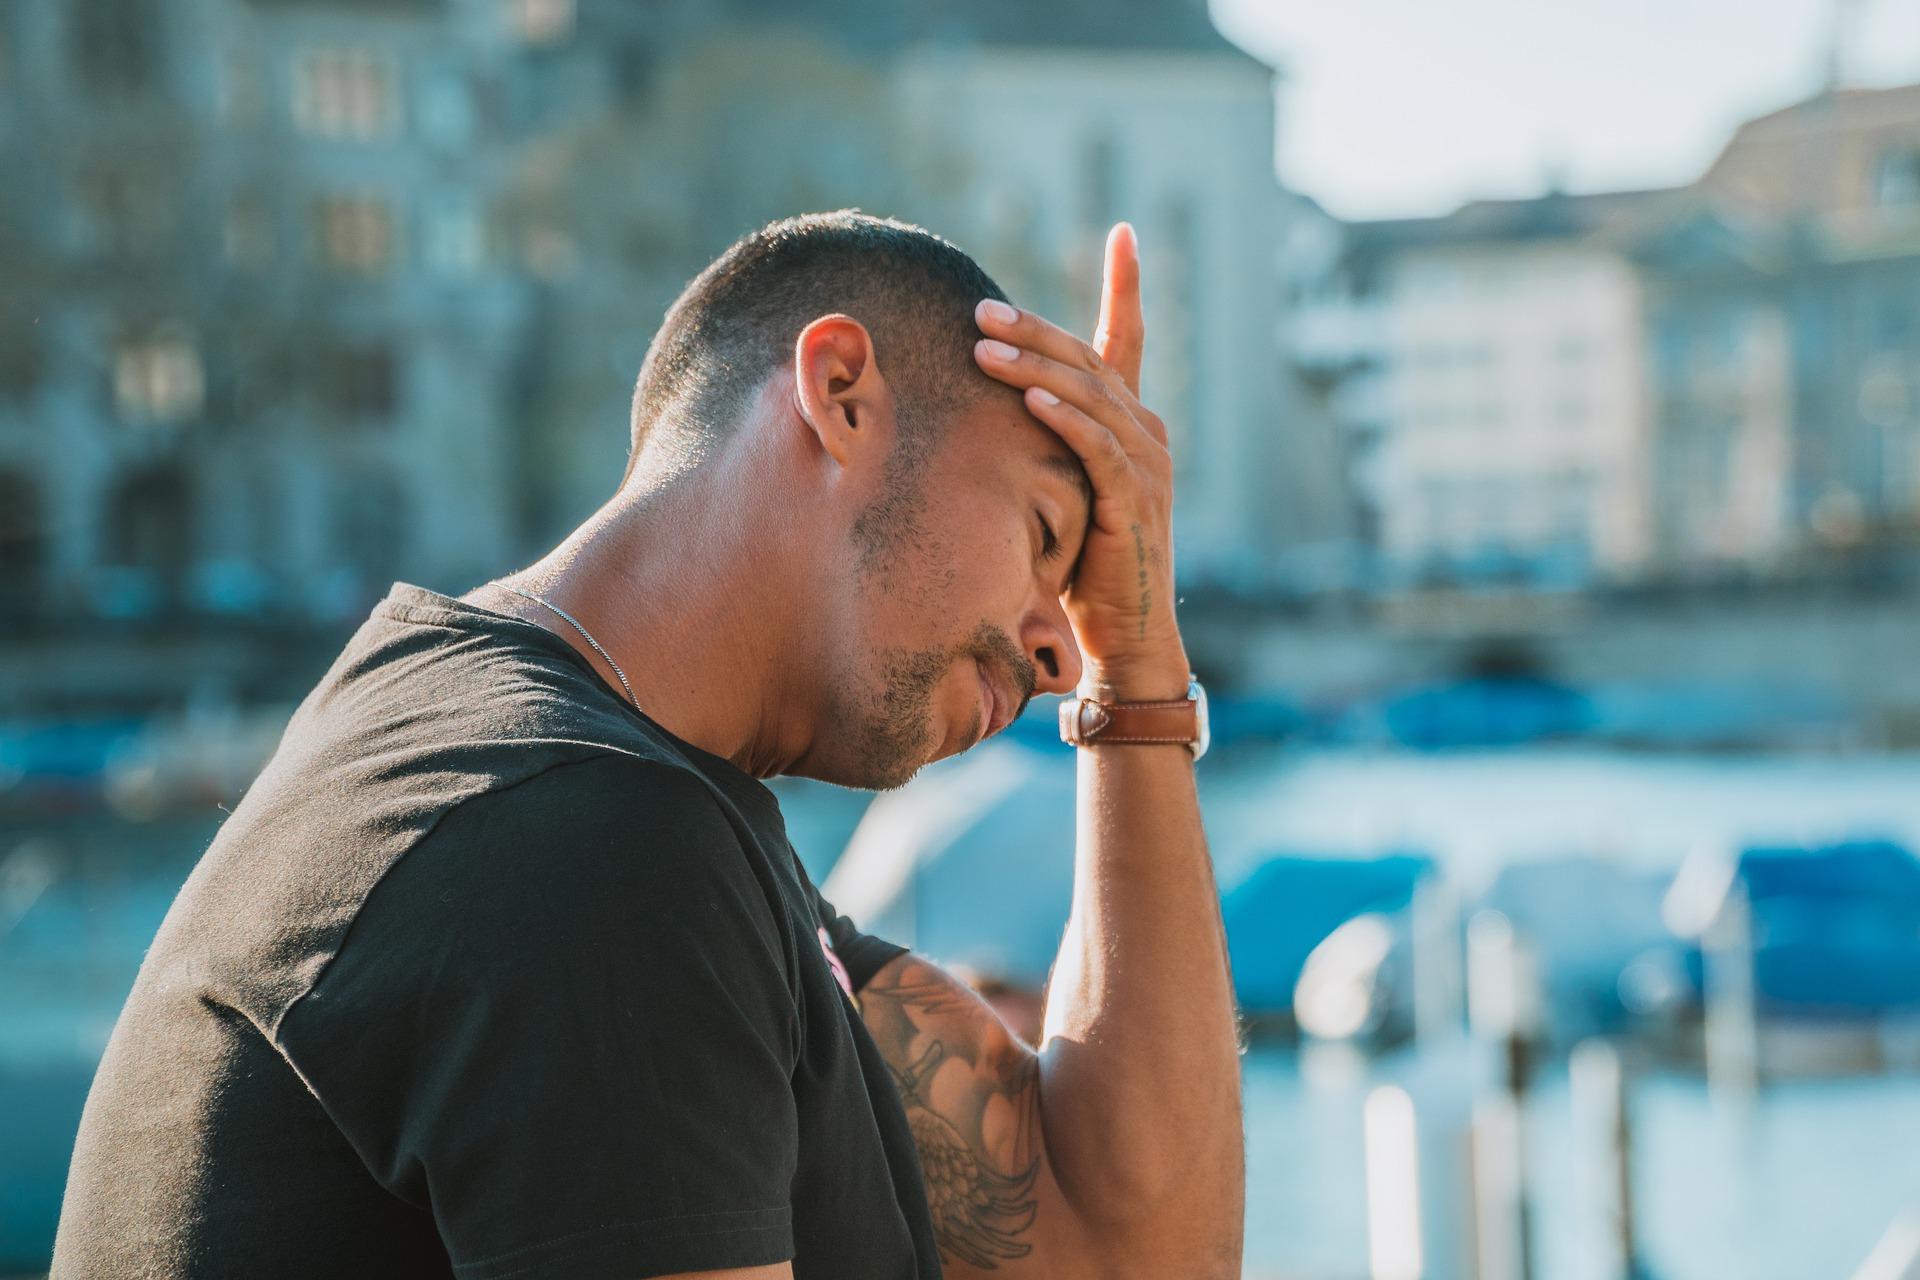 A man with headache